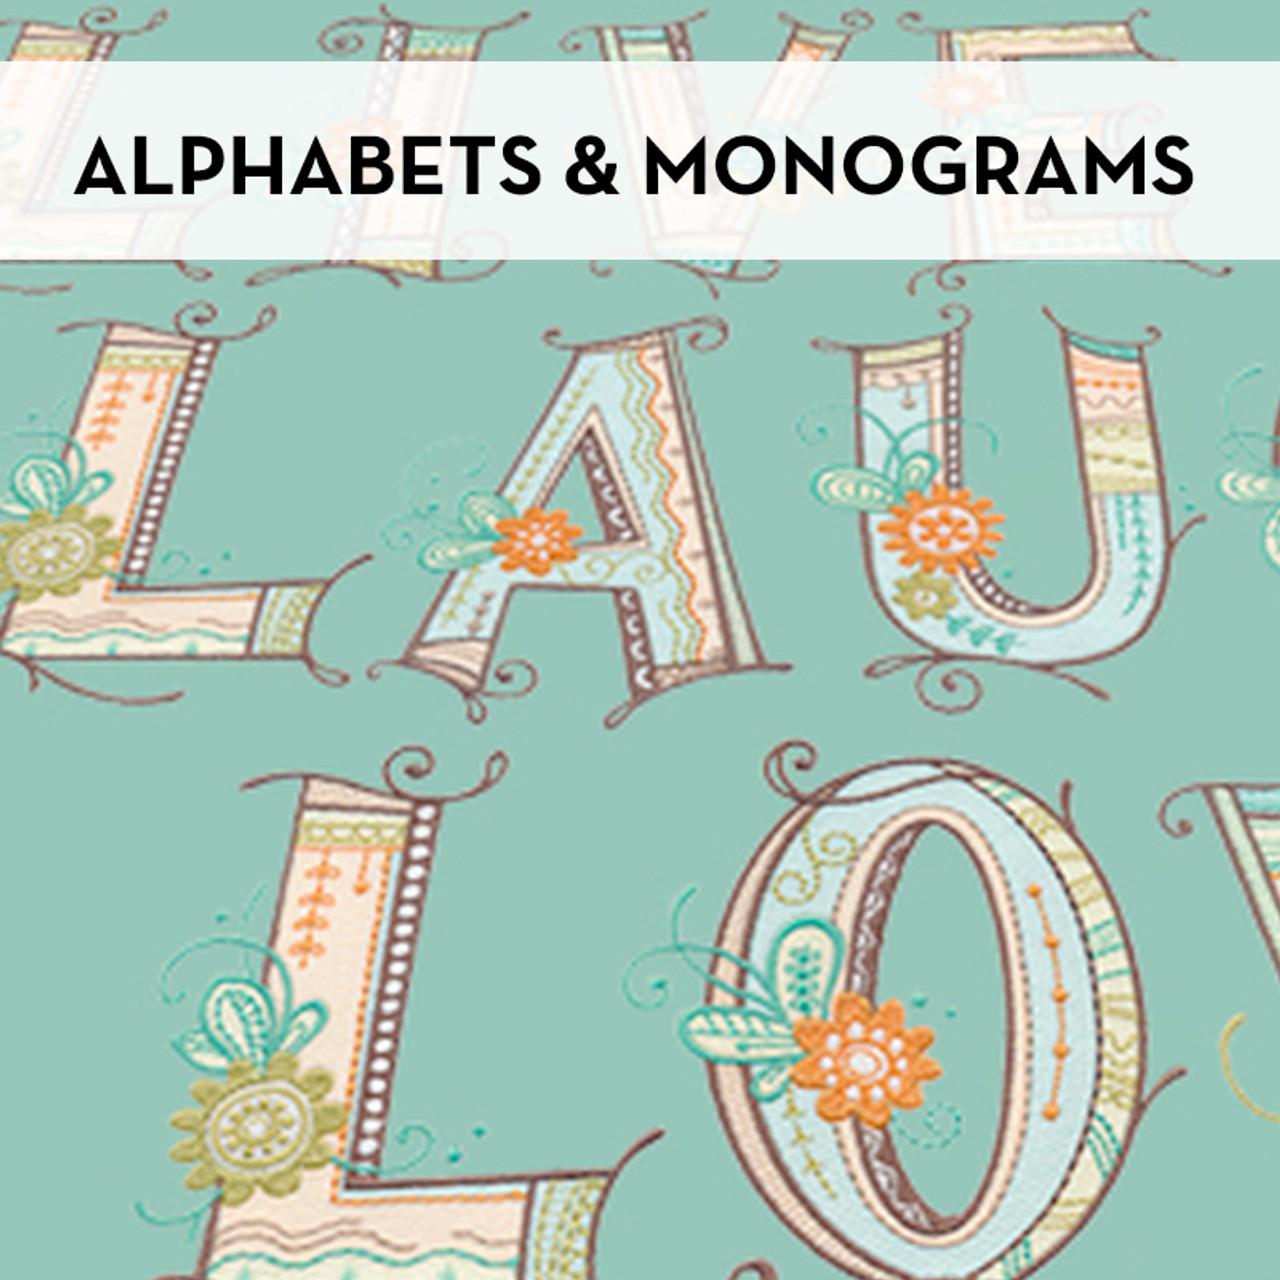 Alphabets & Monograms